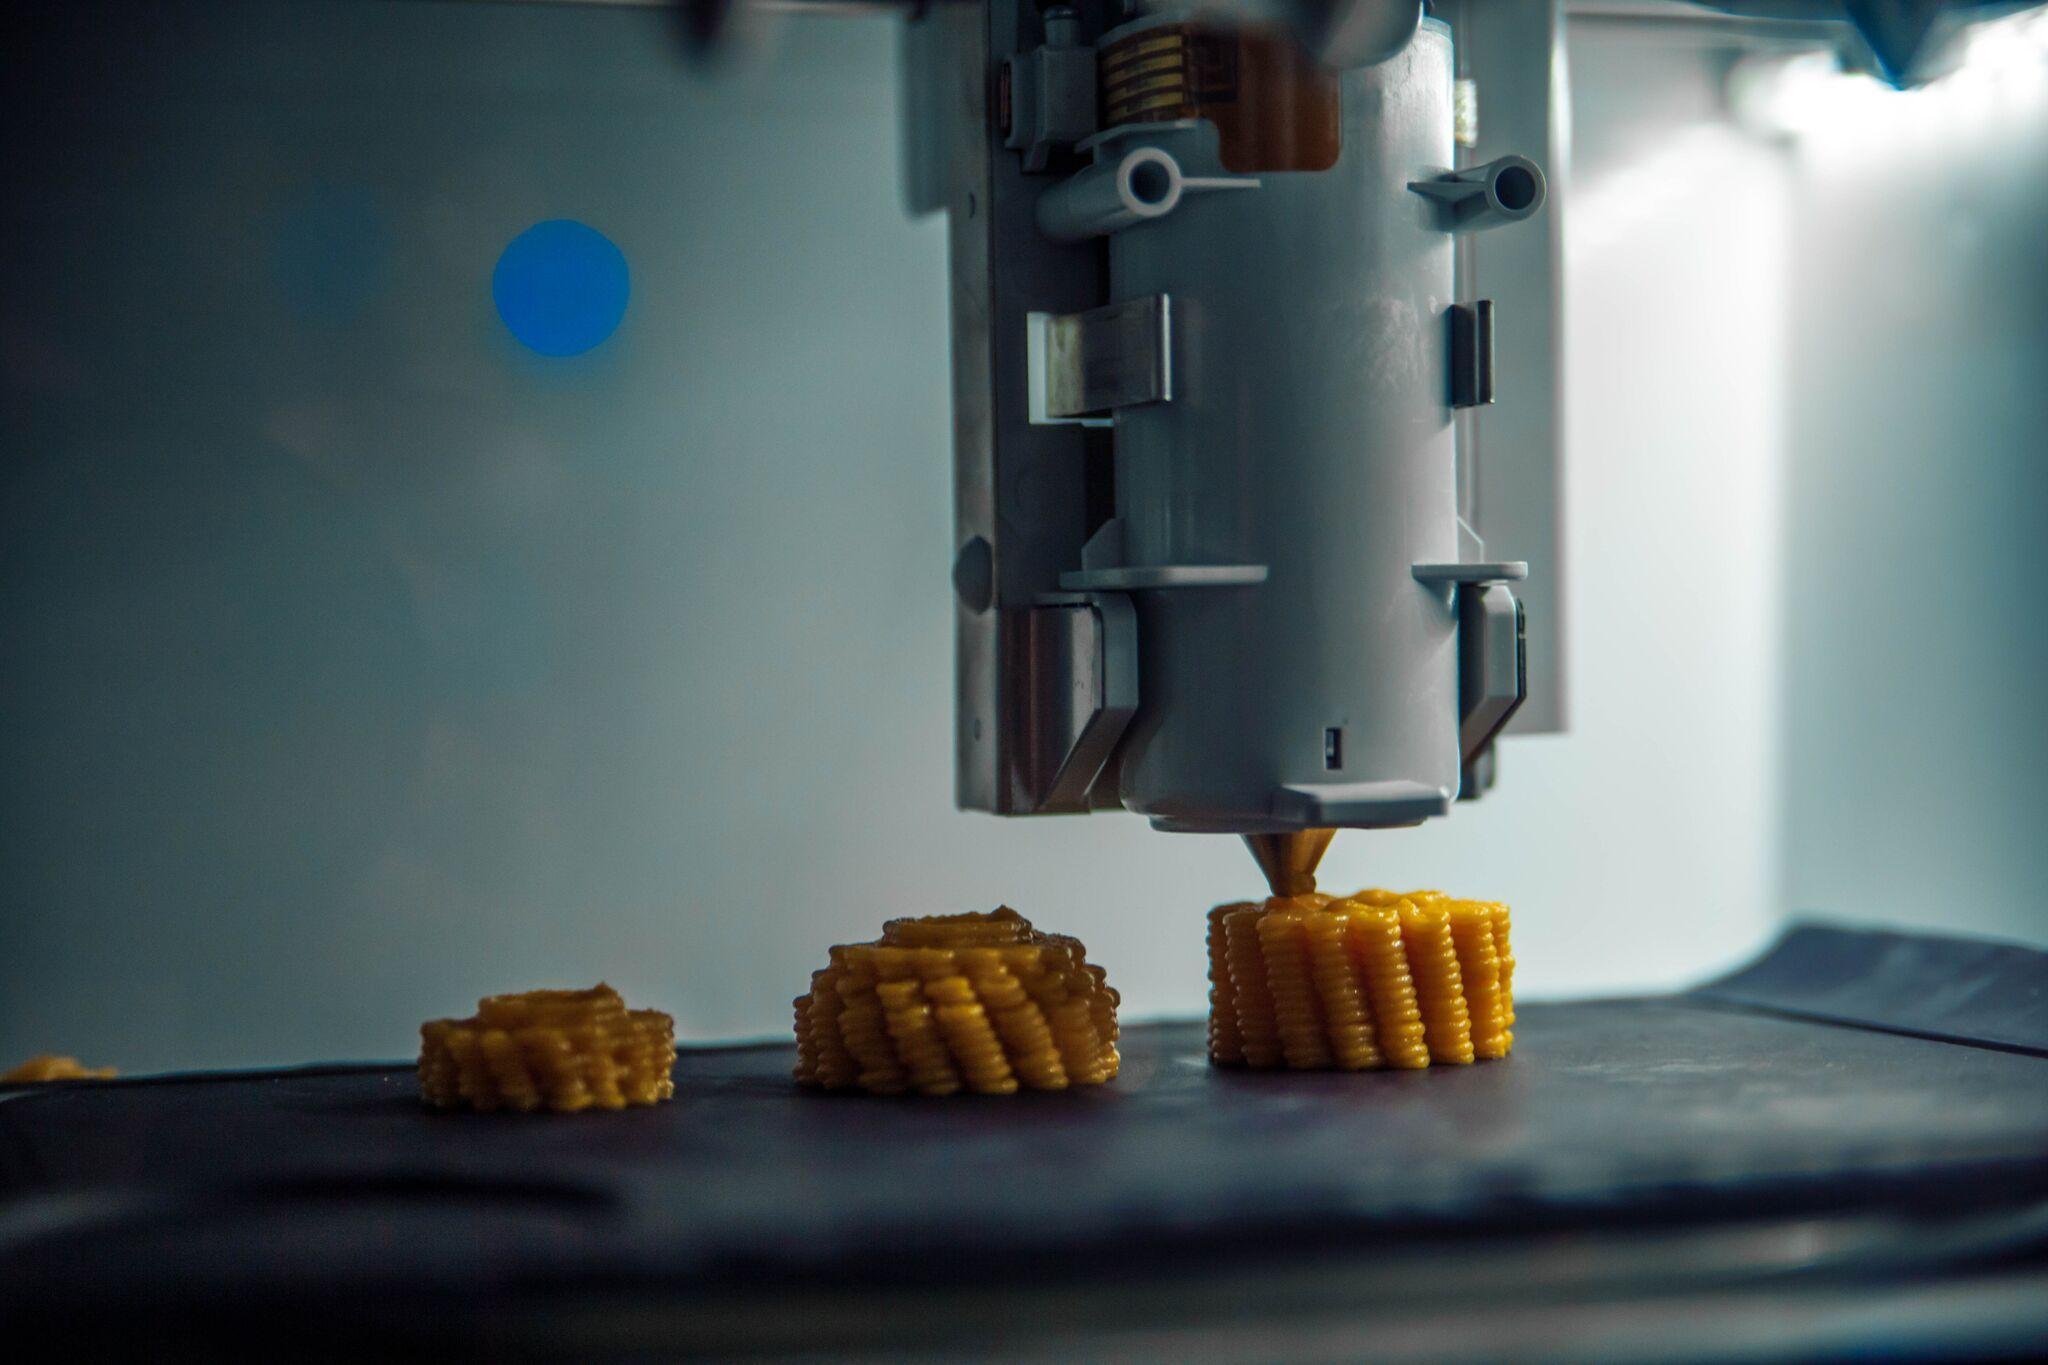 Engineering in Food Industries